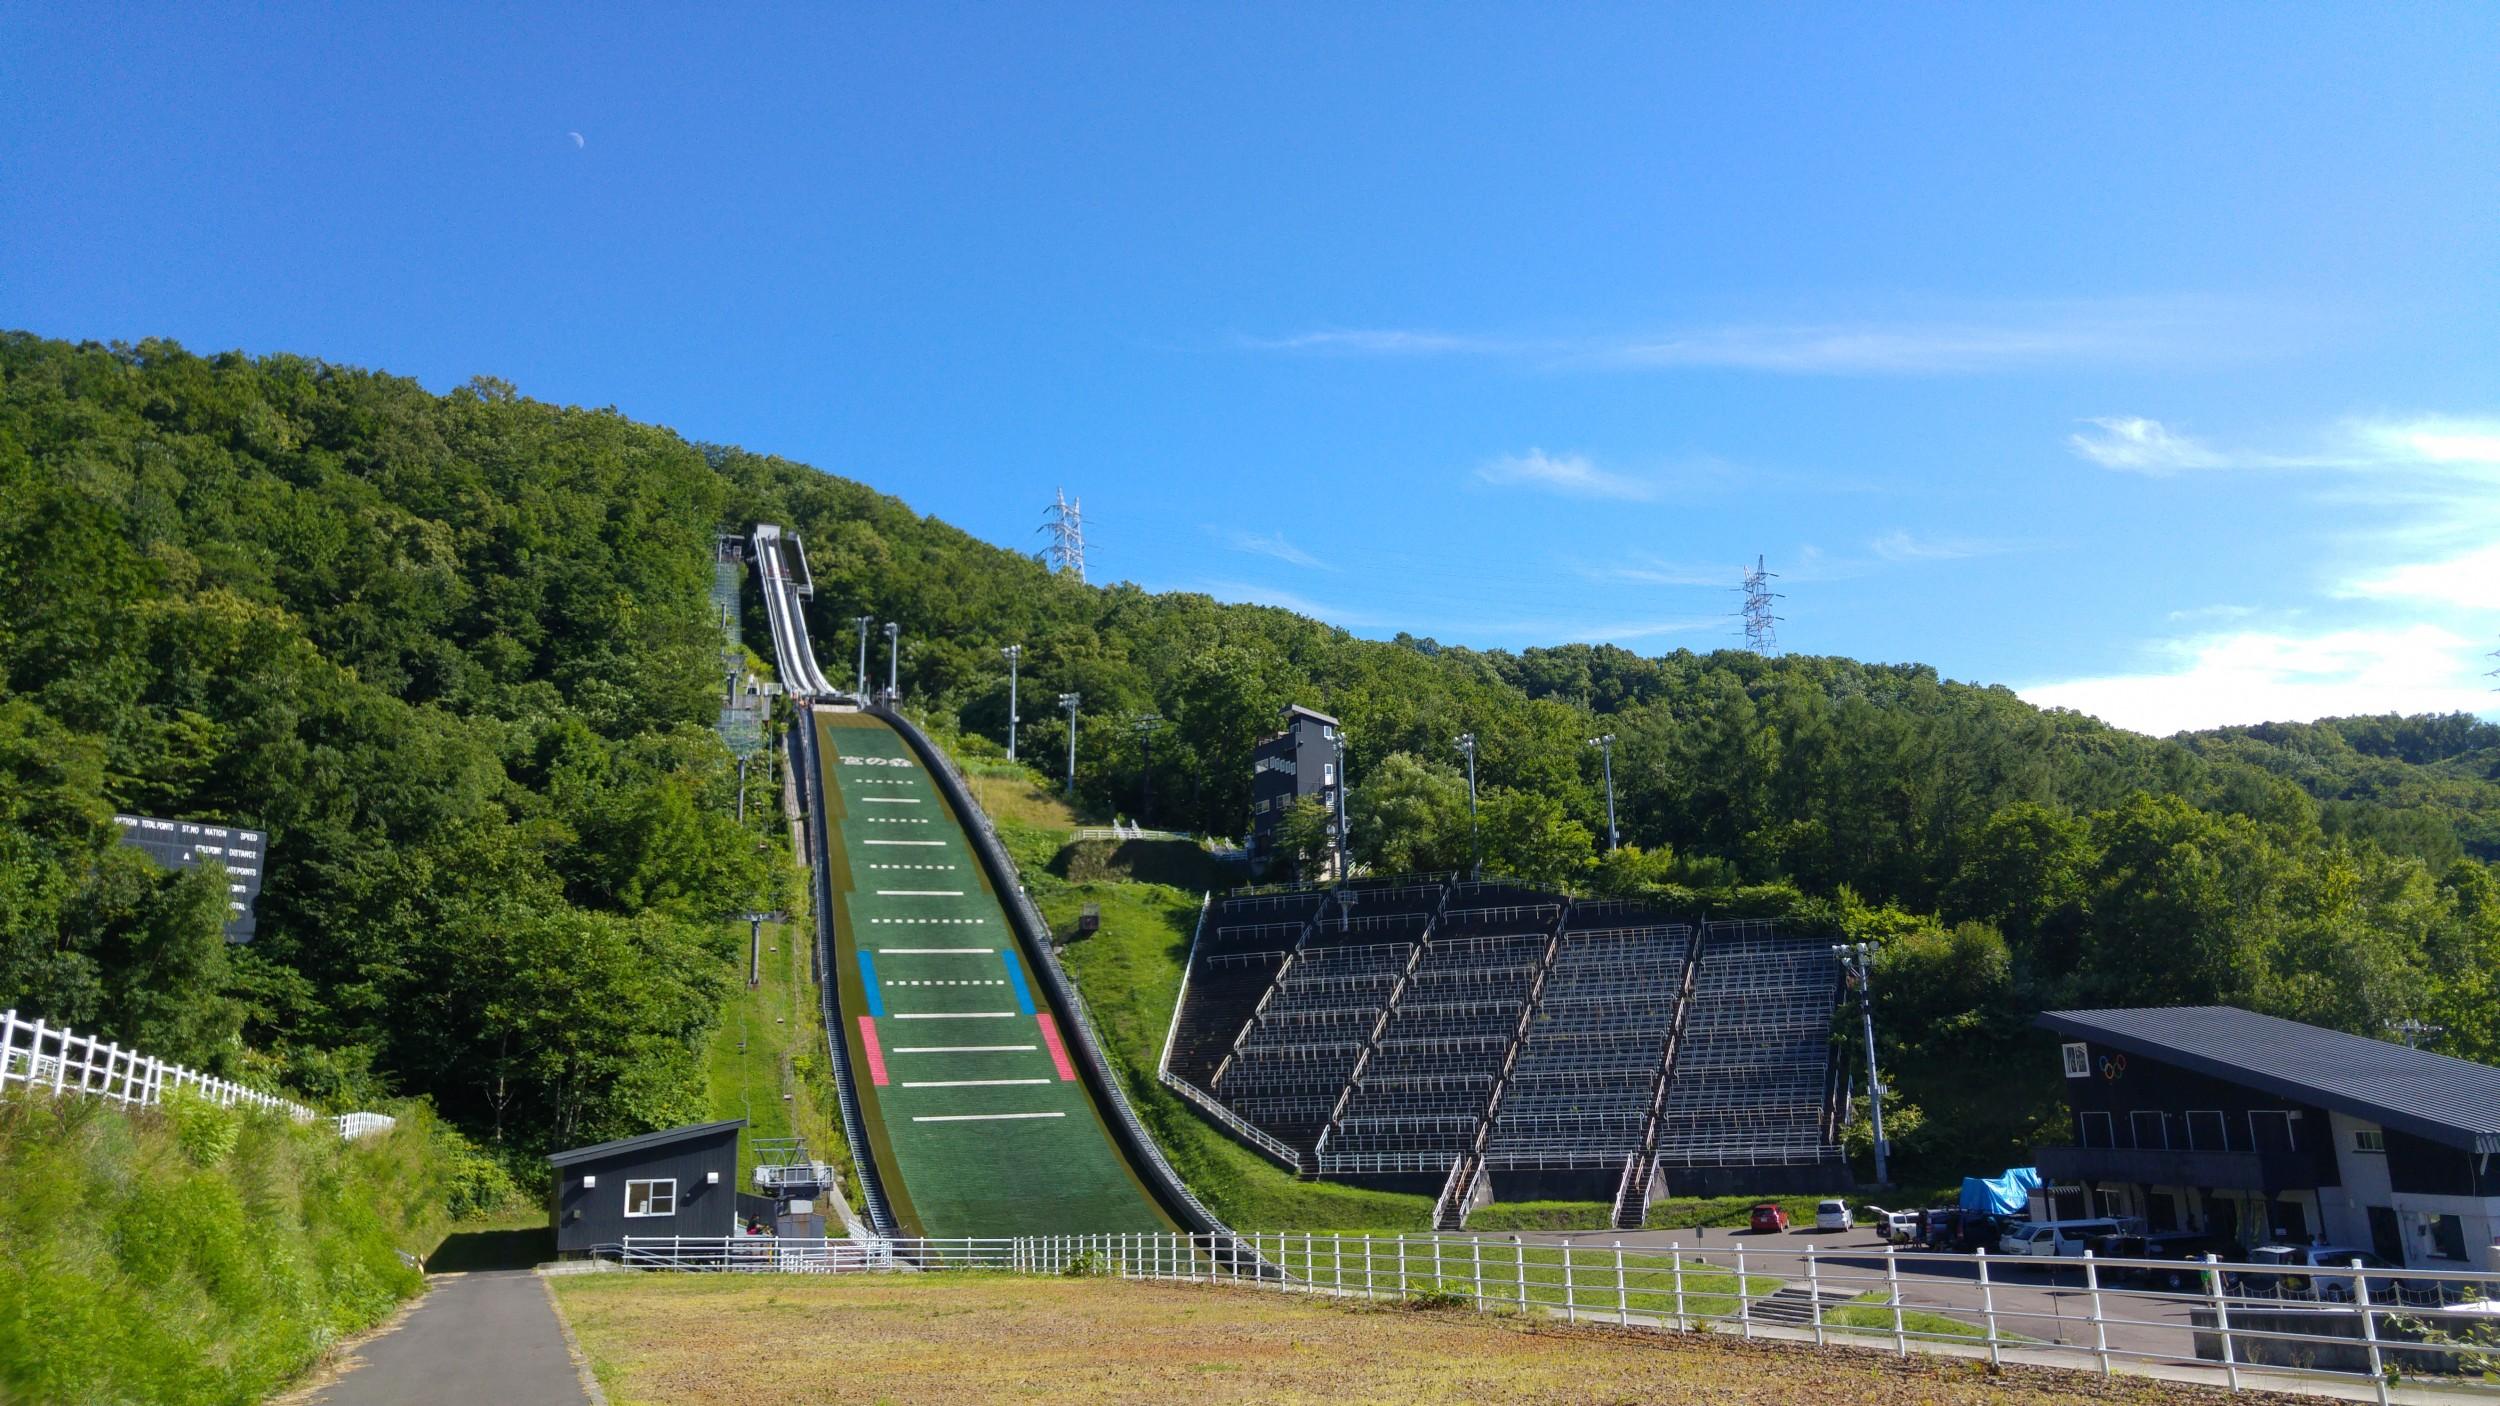 Okurayama Ski Jump Stadium